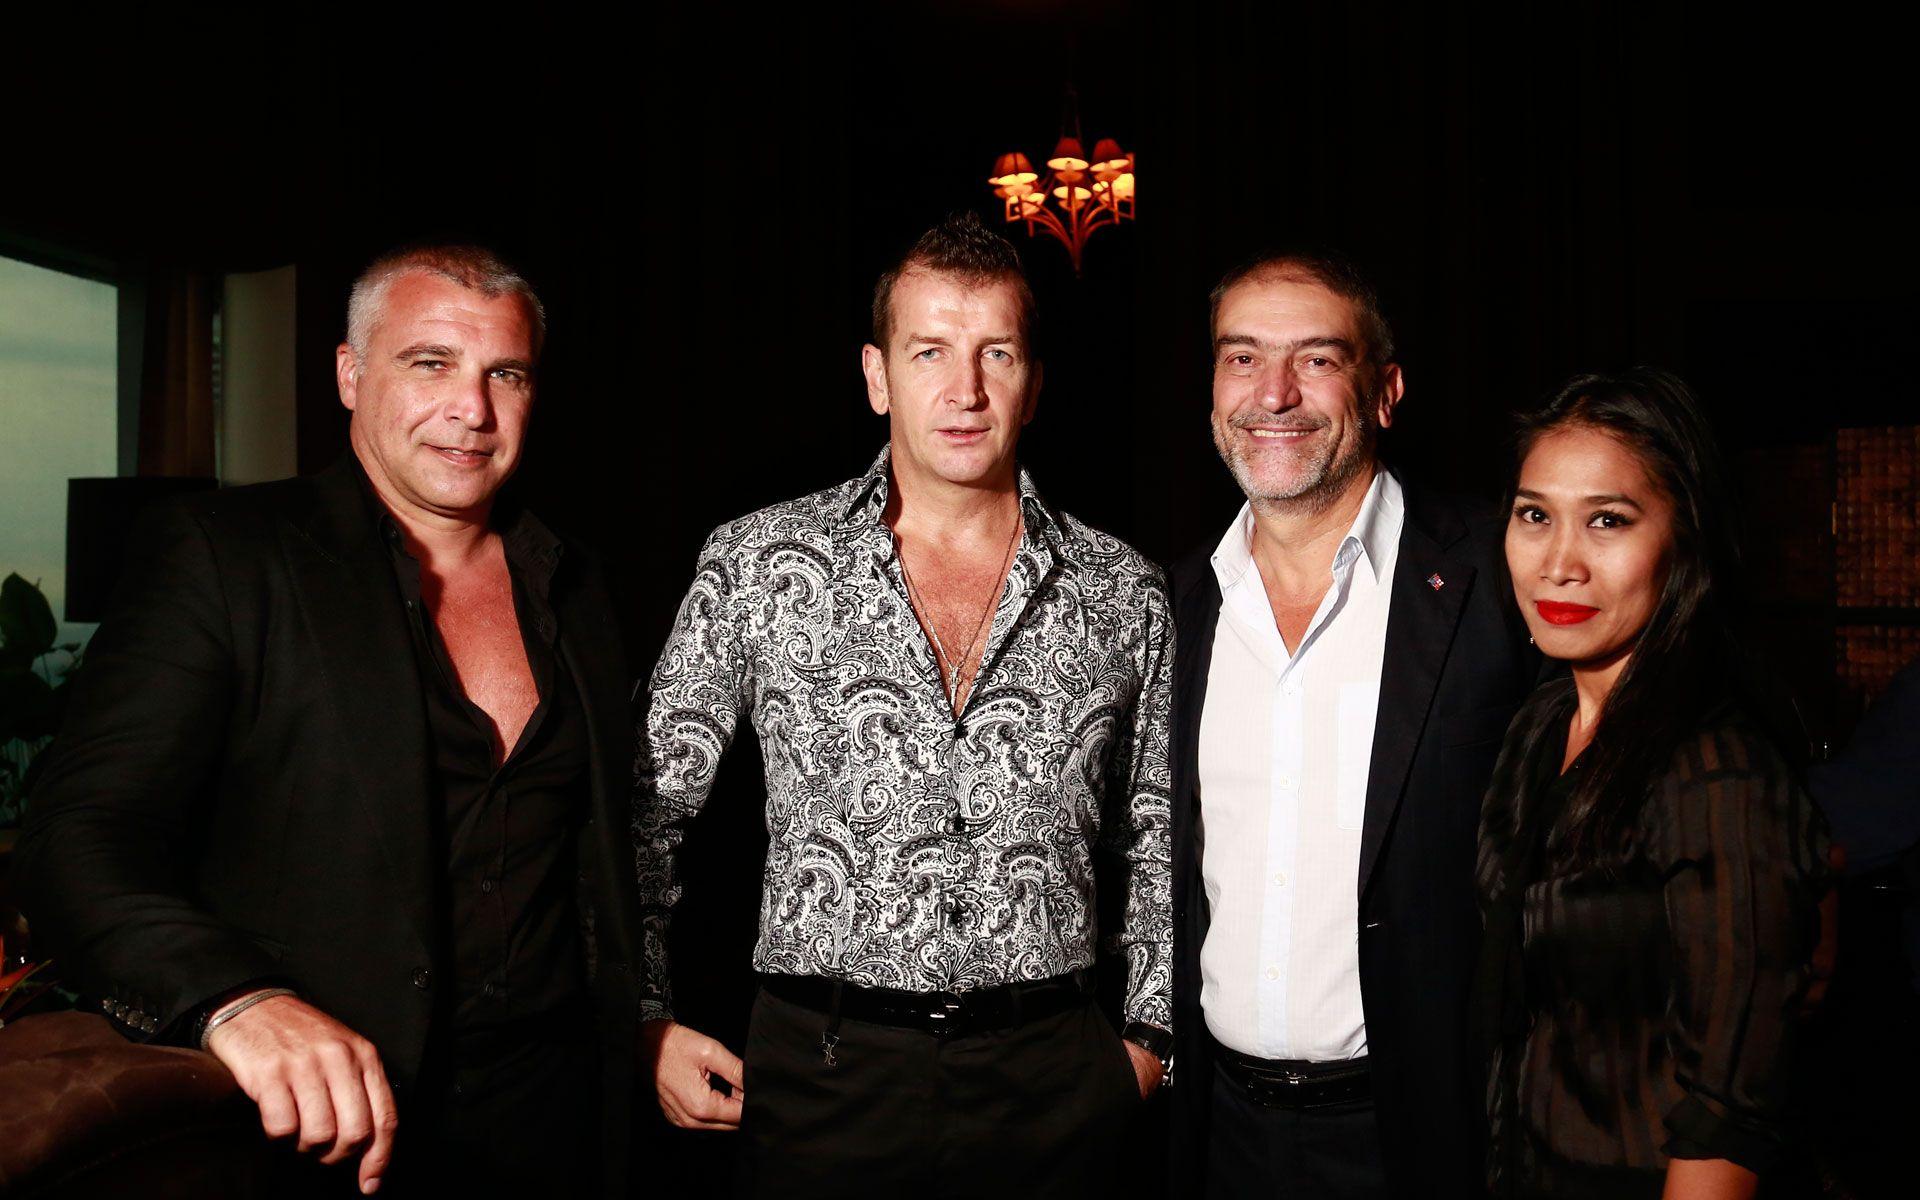 Daniel Beltsos, Cav Modesto Marini, Bruno Bretella and Syazwani Mohd